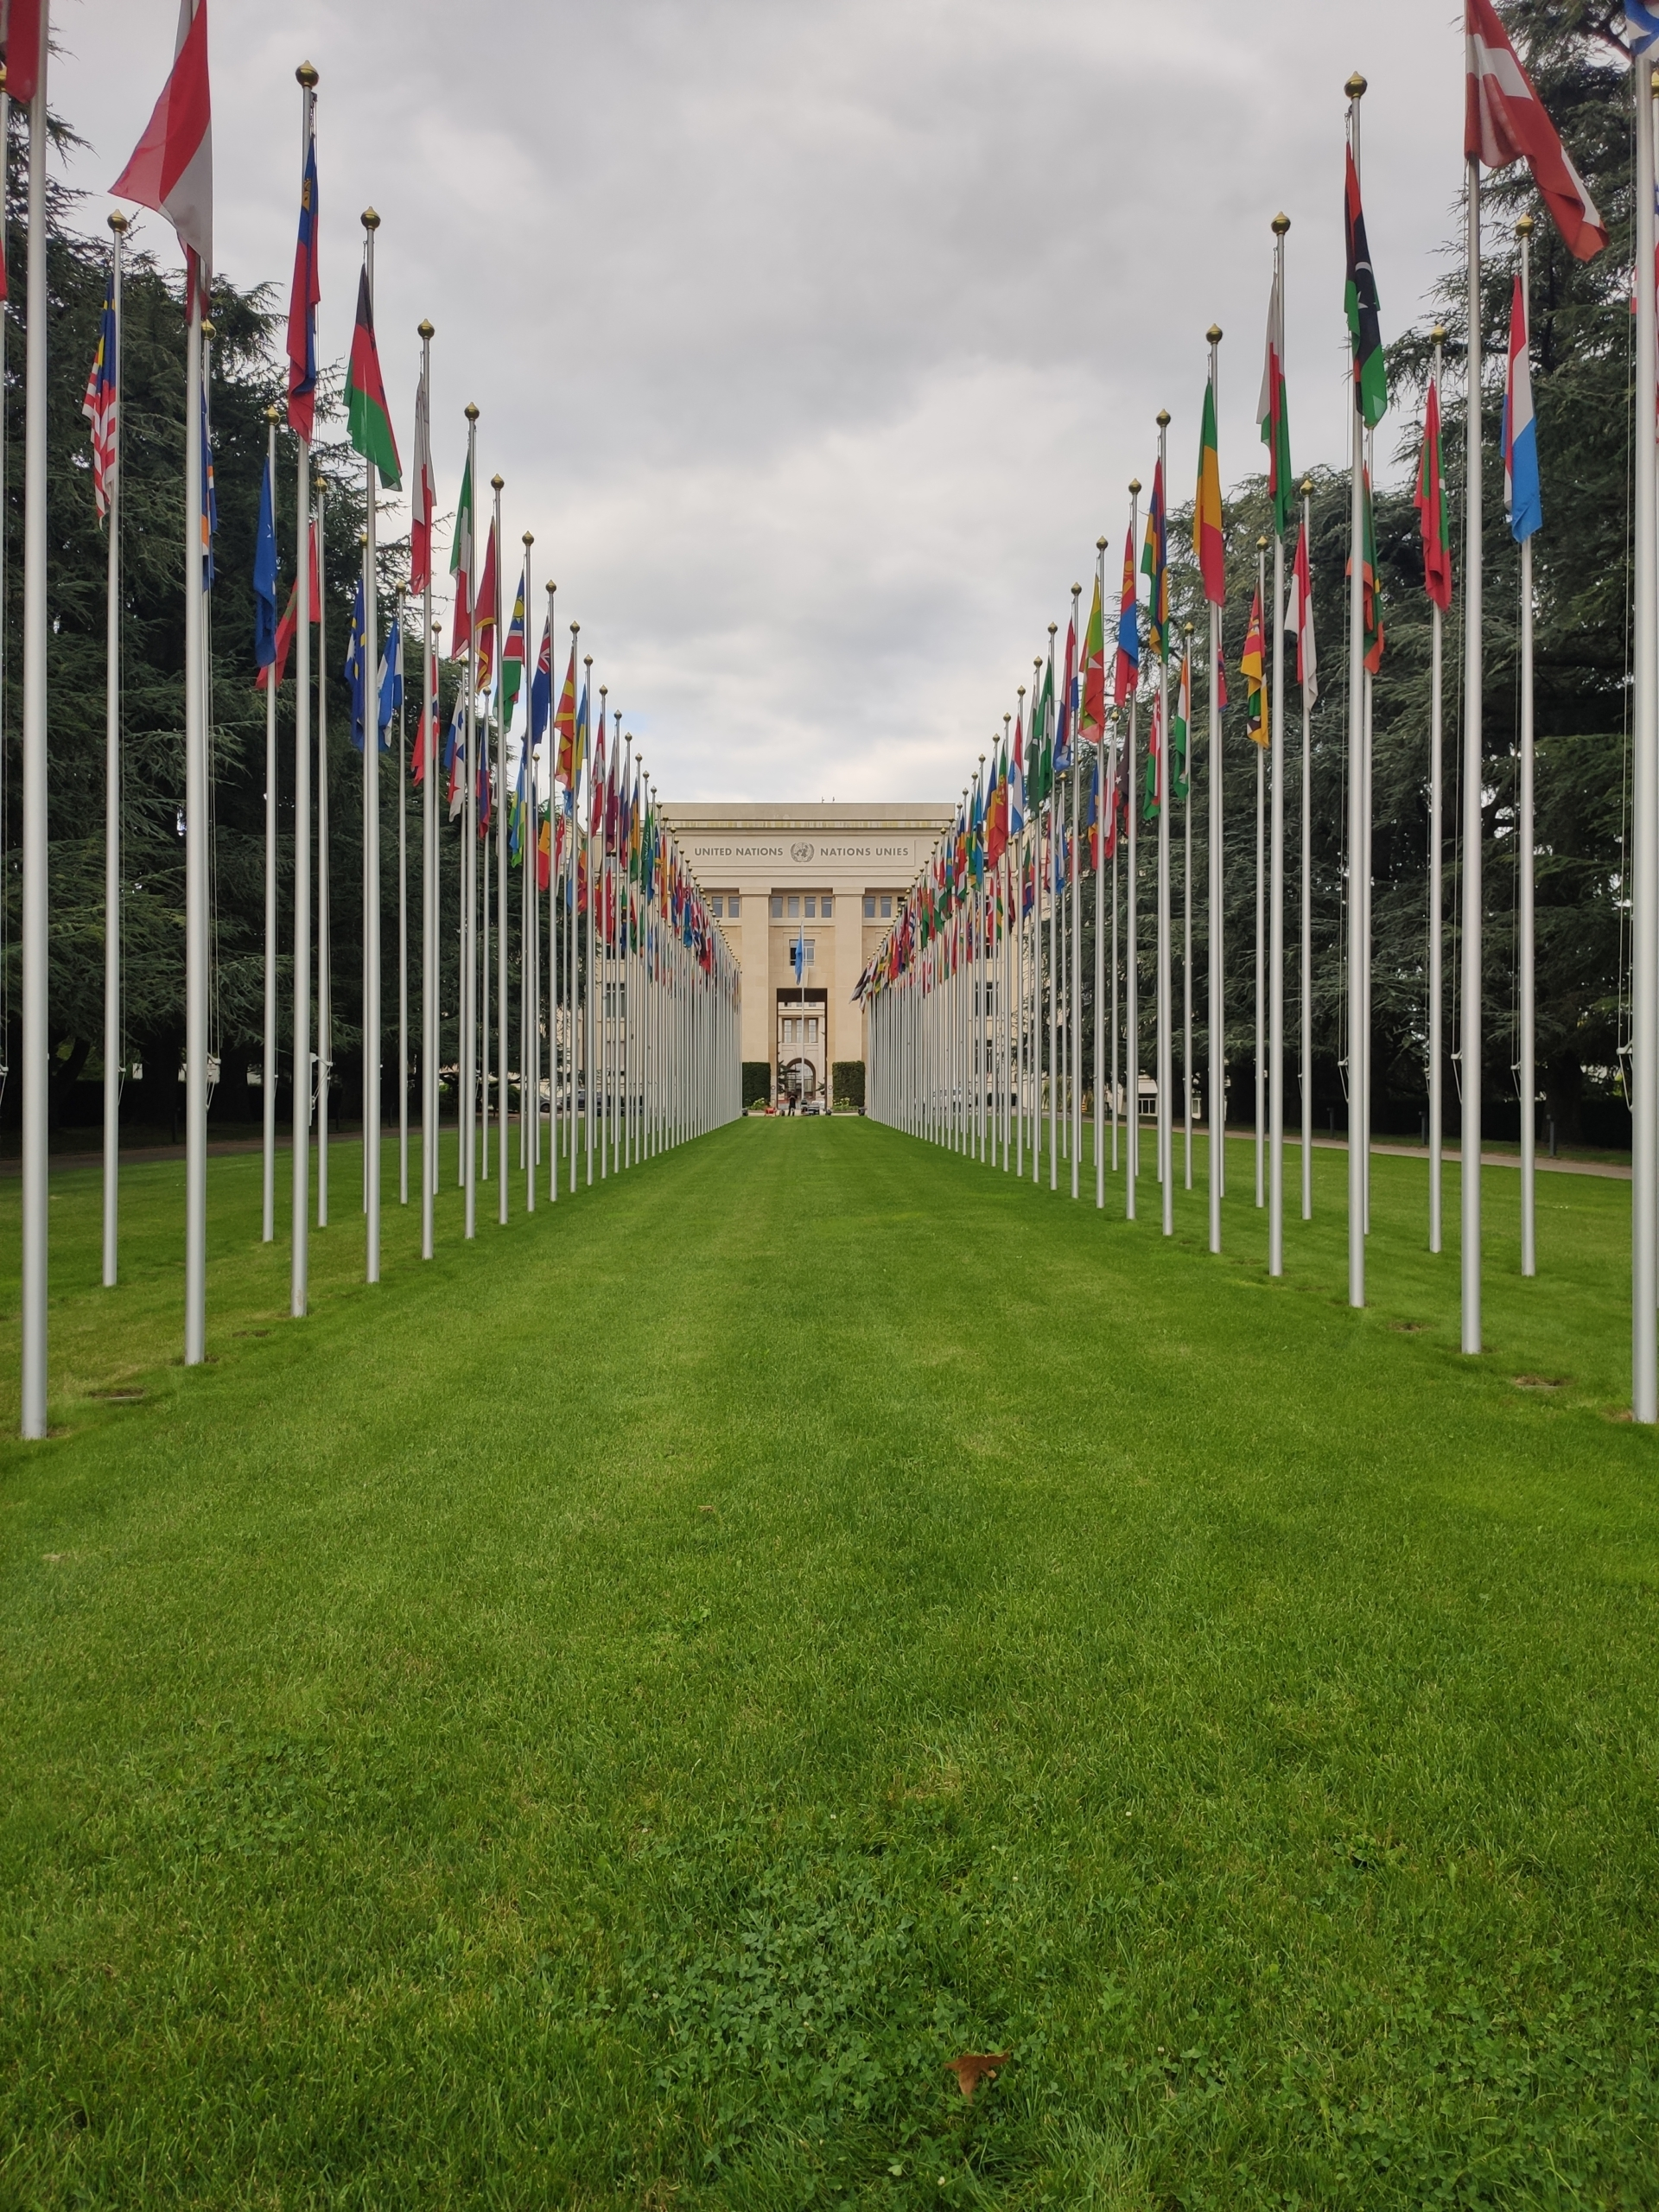 La seu de l'Organització de les Nacions Unides (ONU) a Ginebra / Marc Solanes